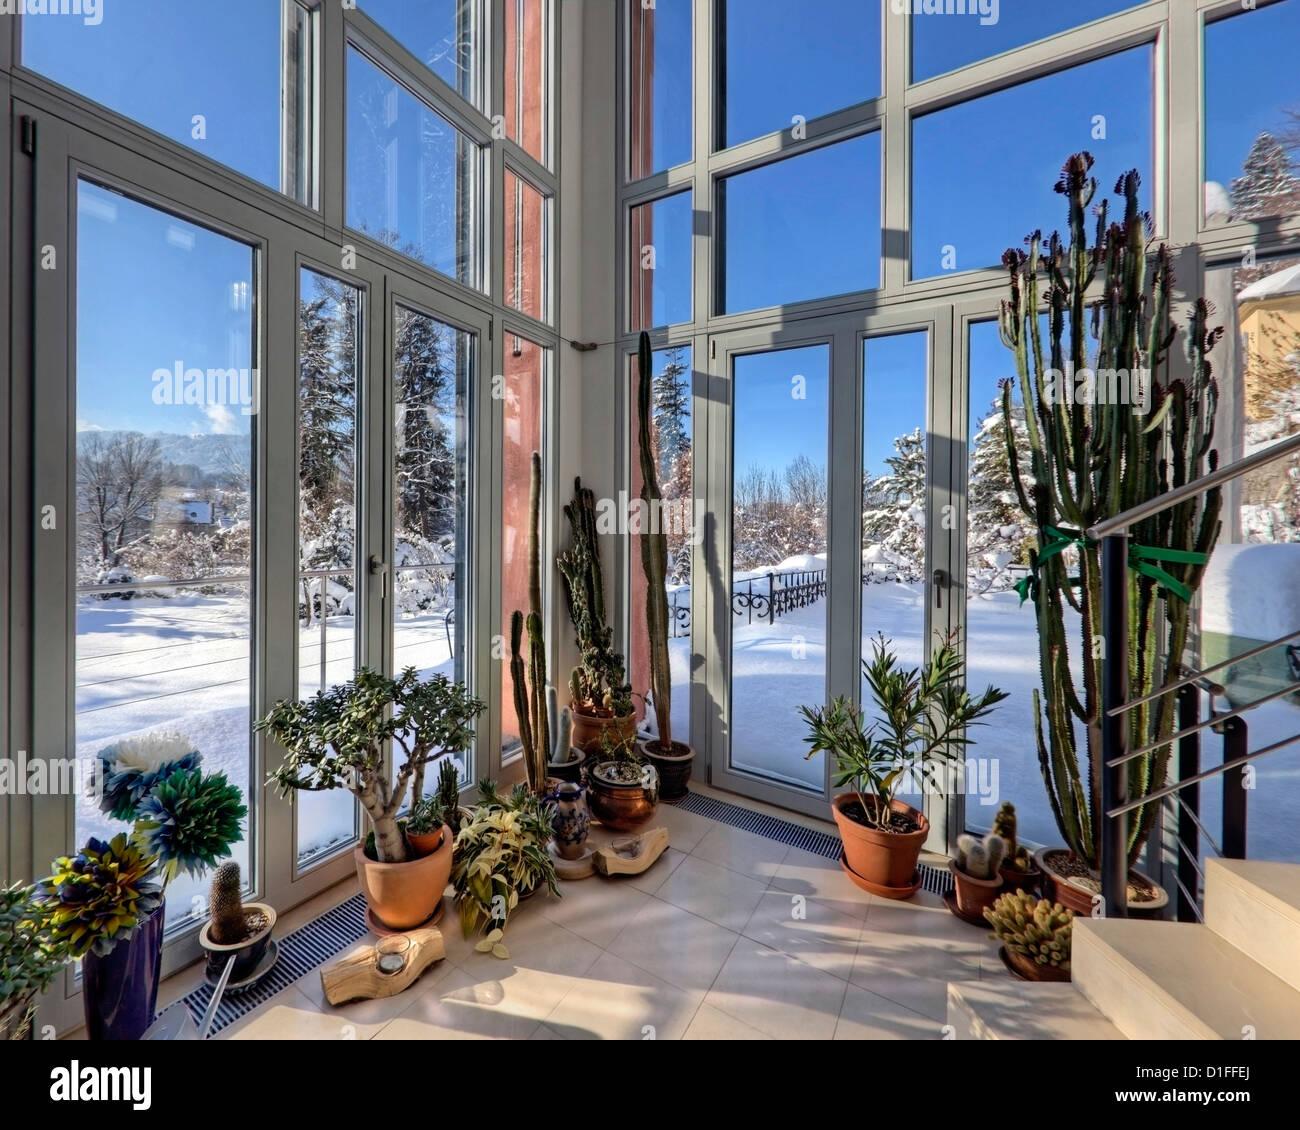 DE - La Bavière: le Winter-Garden (Architecture contemporaine, Bad Toelz) Photo Stock